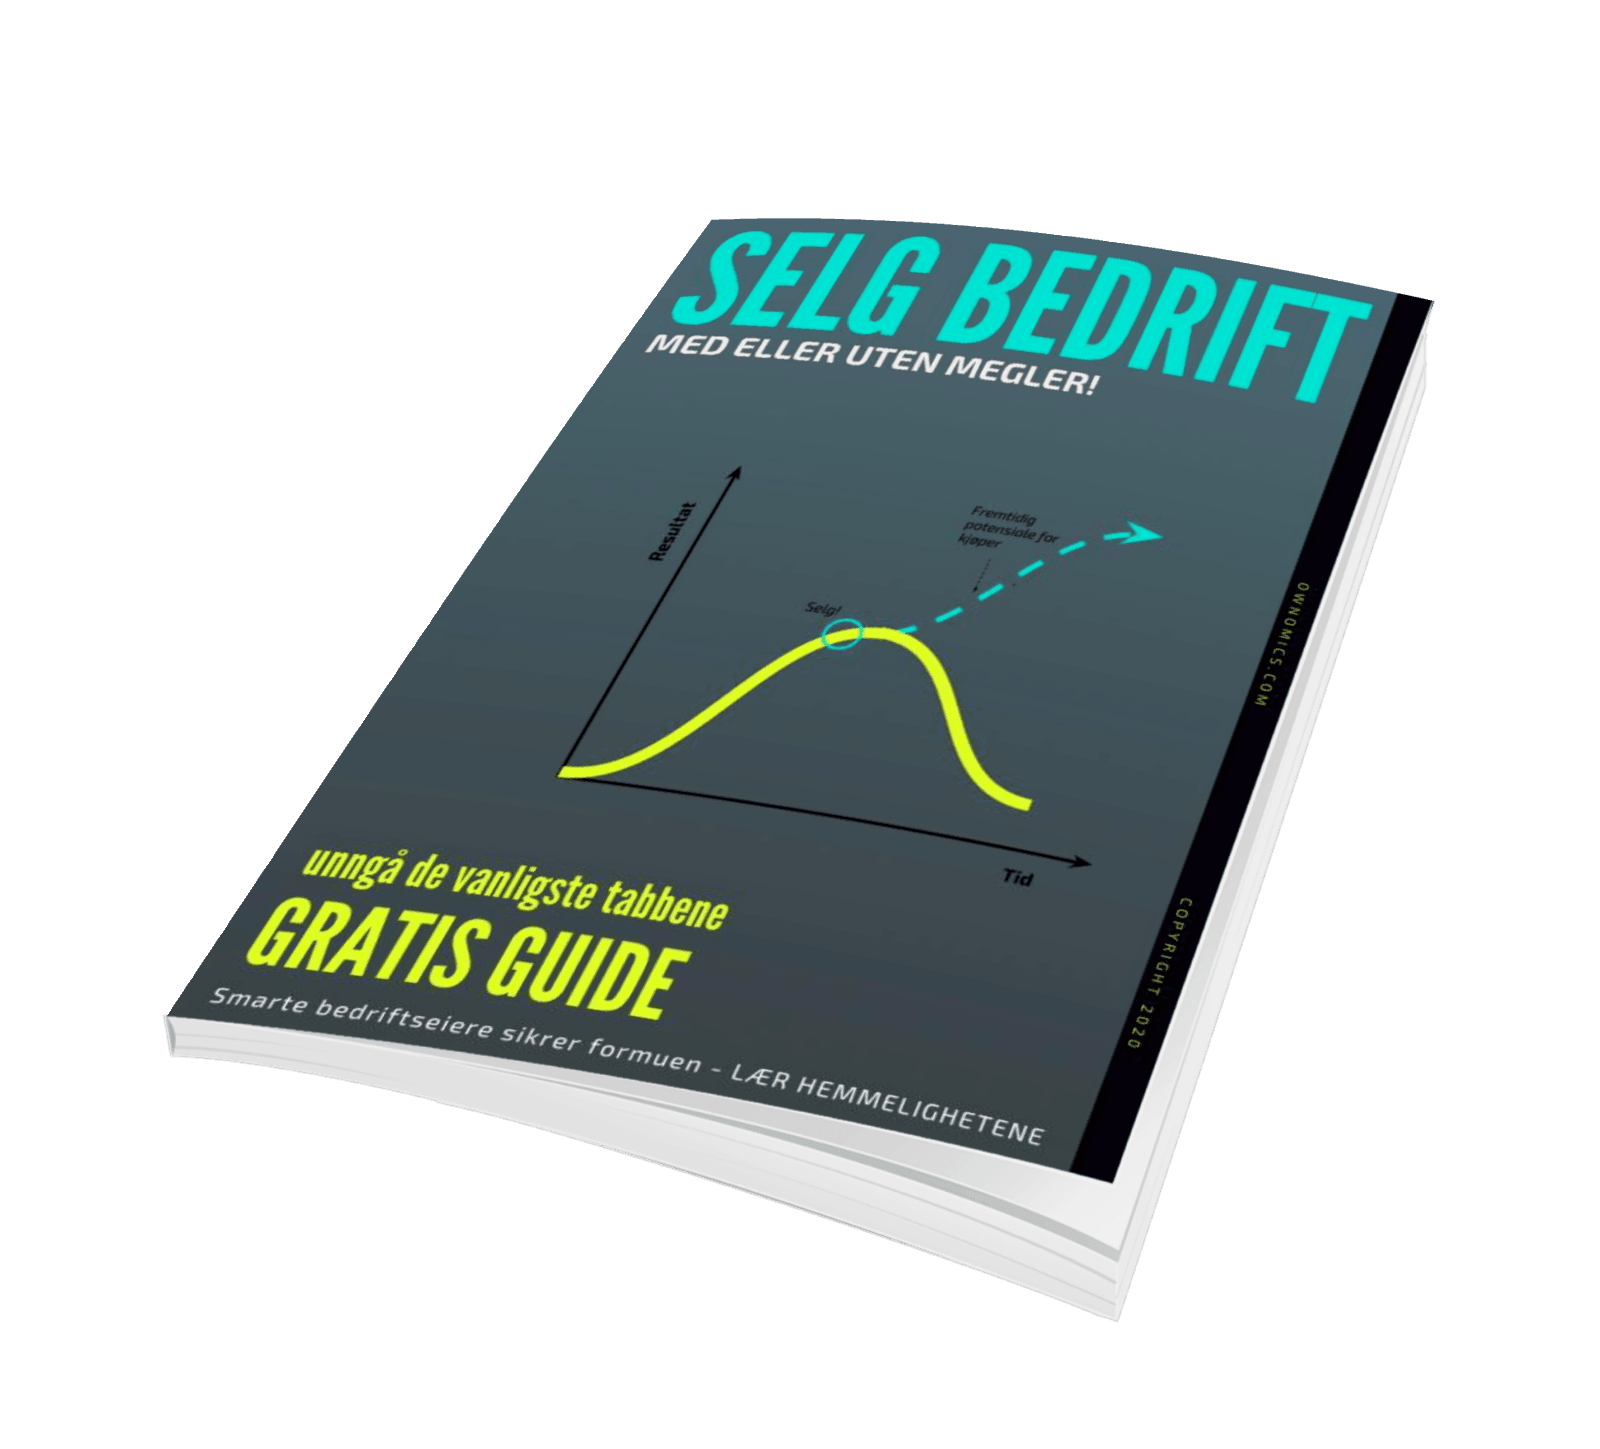 Guide selge bedrift